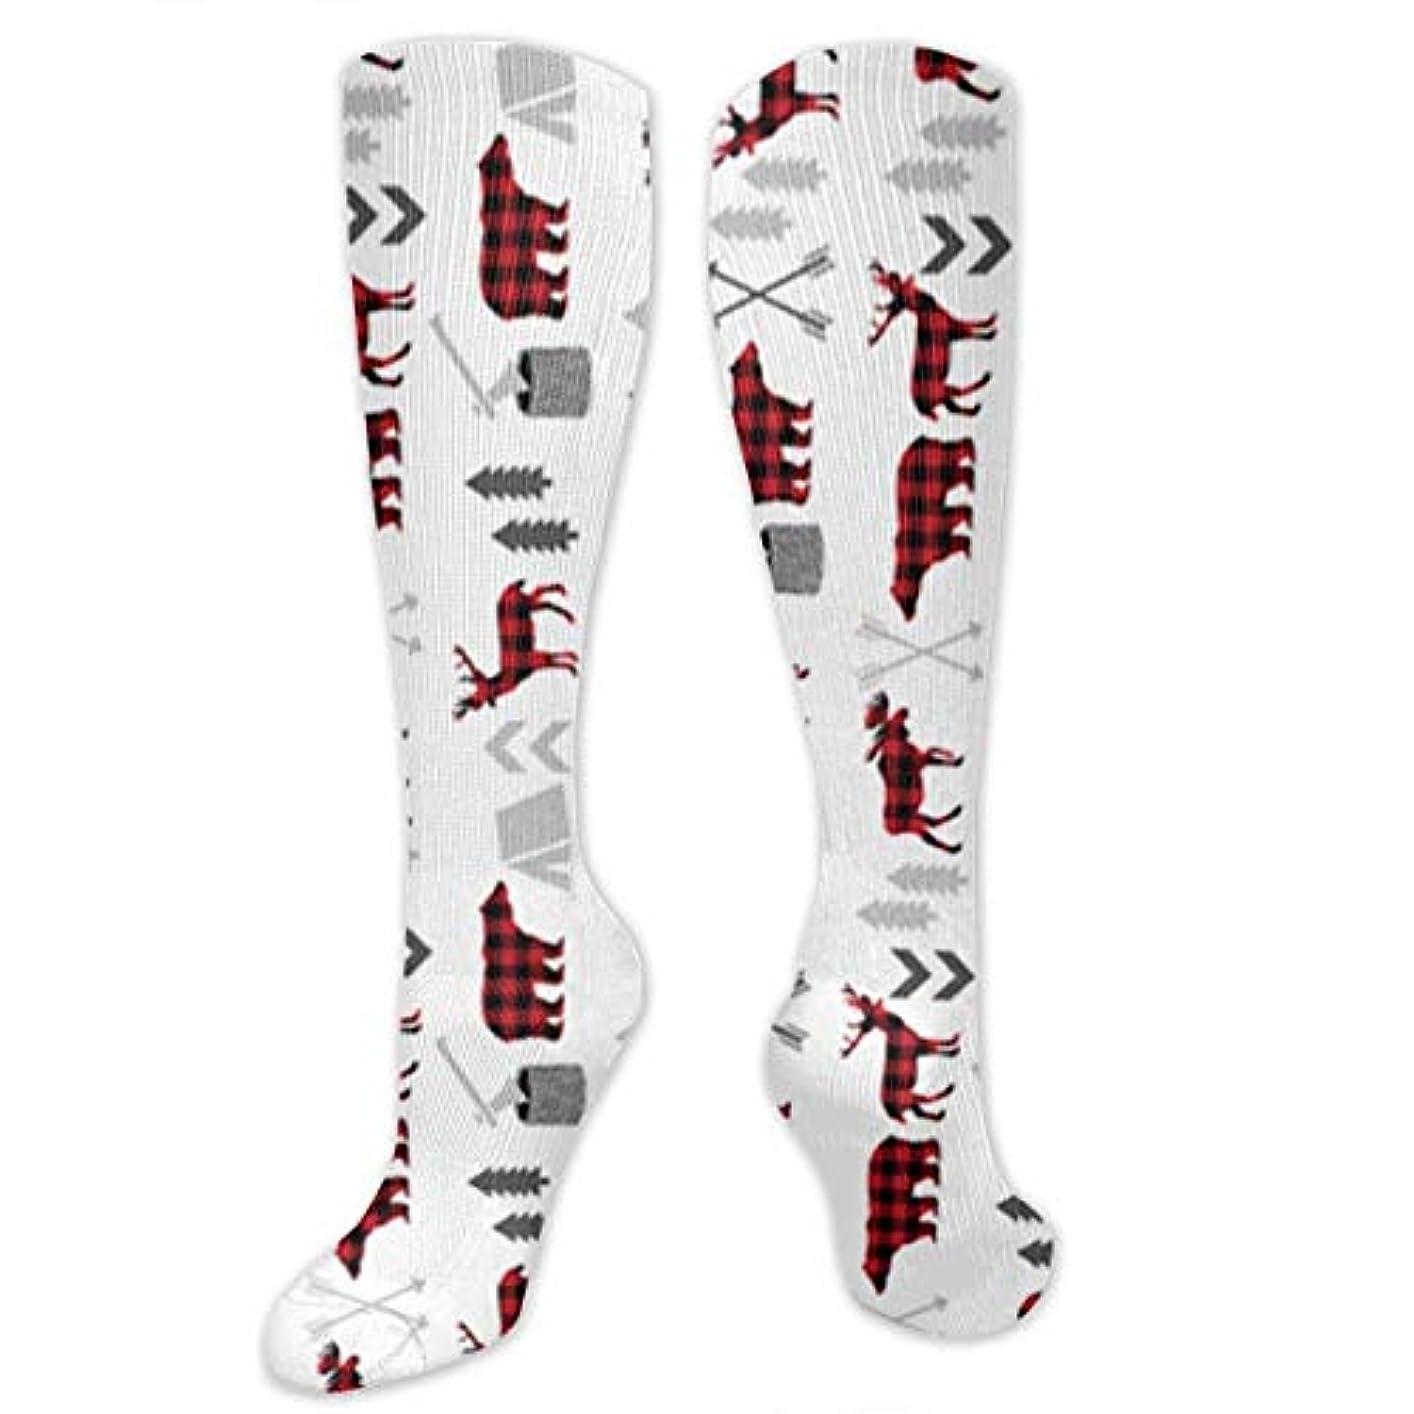 失う驚いたことに国民靴下,ストッキング,野生のジョーカー,実際,秋の本質,冬必須,サマーウェア&RBXAA Moose Deer Bear Forest Trees Socks Women's Winter Cotton Long Tube...